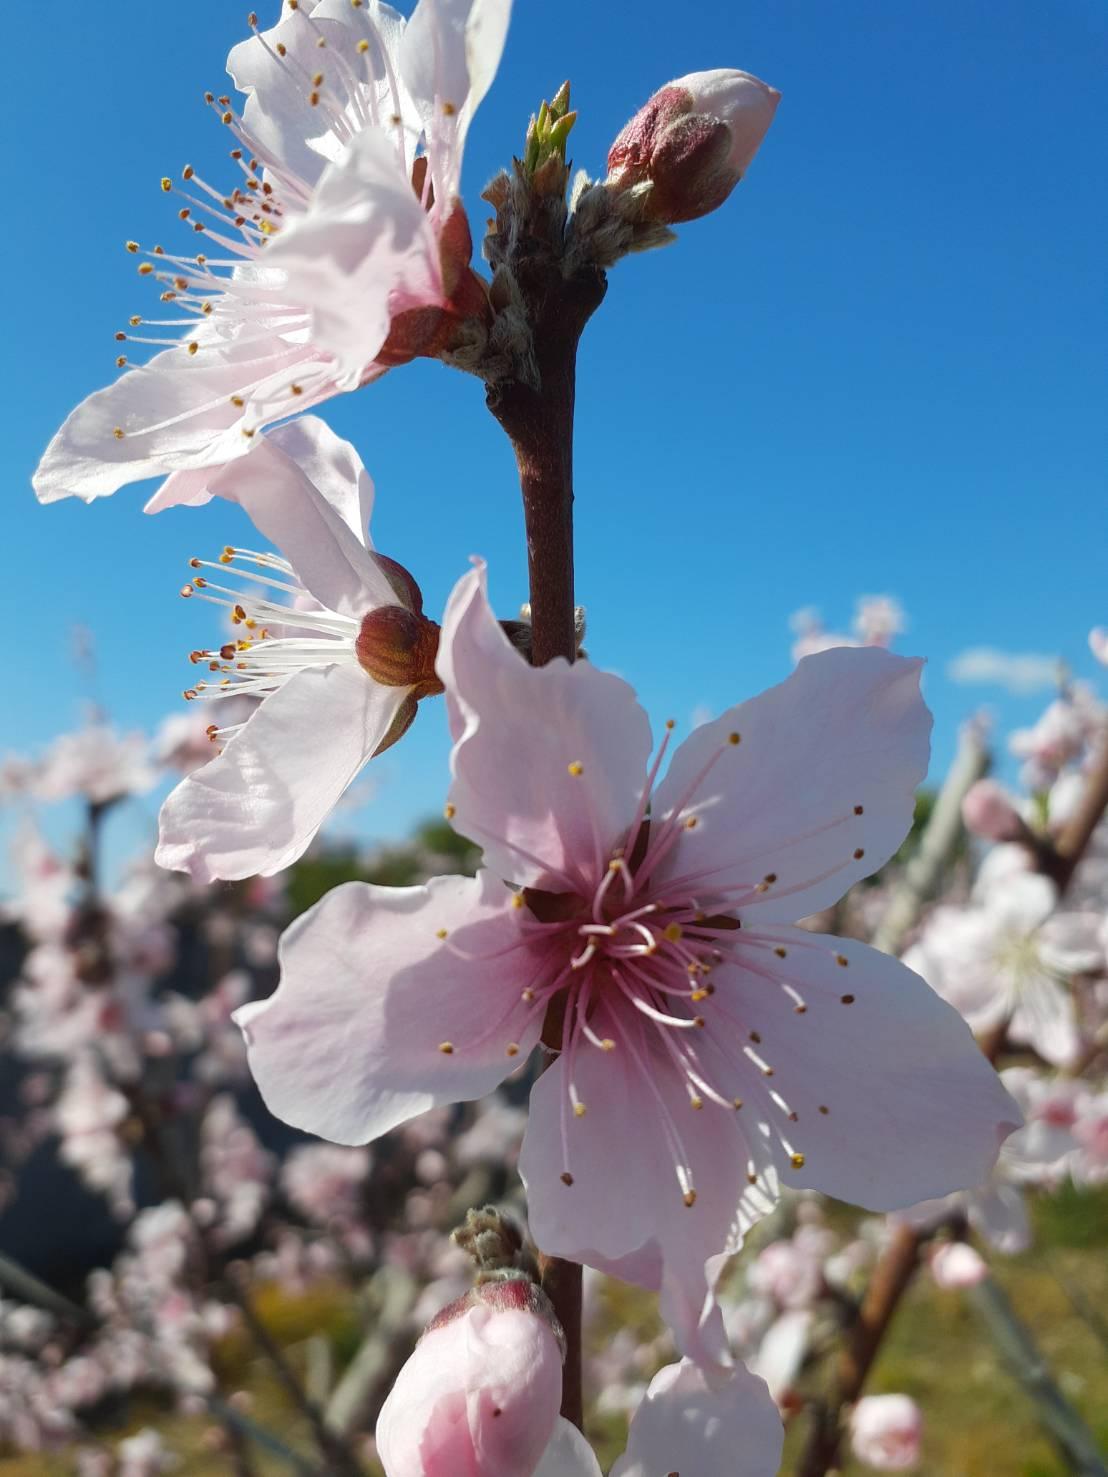 満開の桃の花